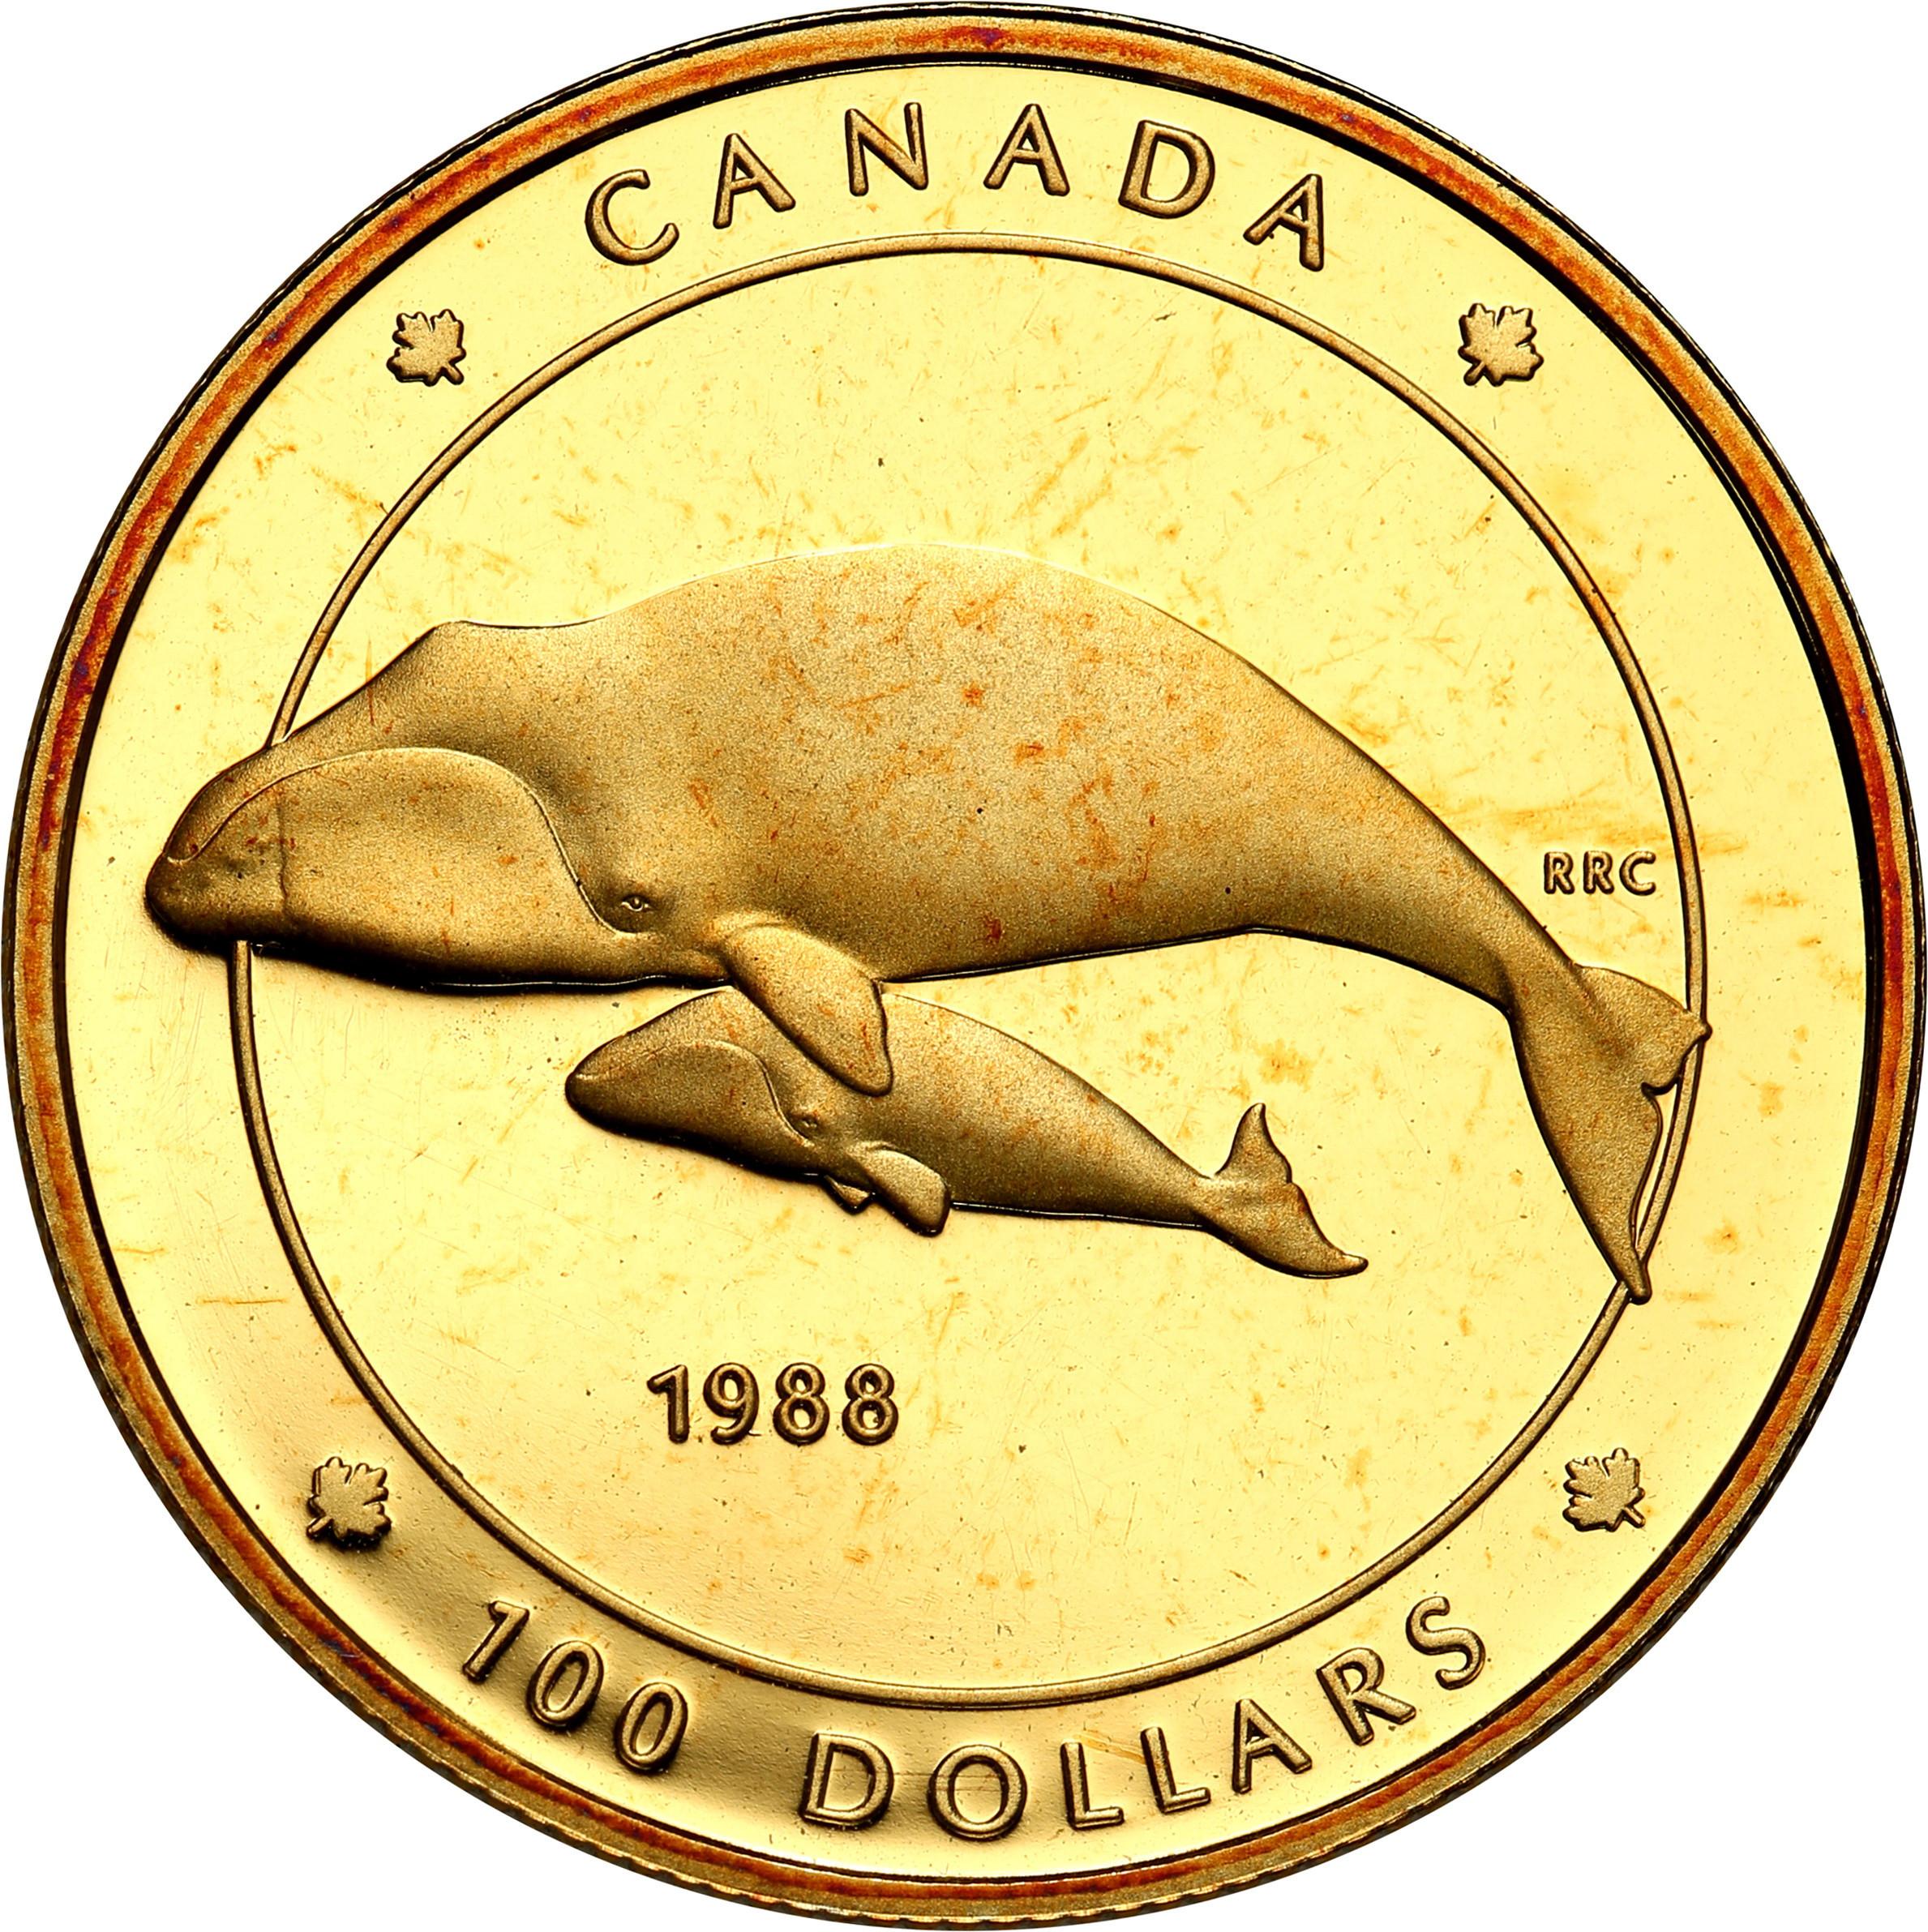 Kanada. 100 dolarów 1988 Wieloryby st. L  - 1/4 uncji złota